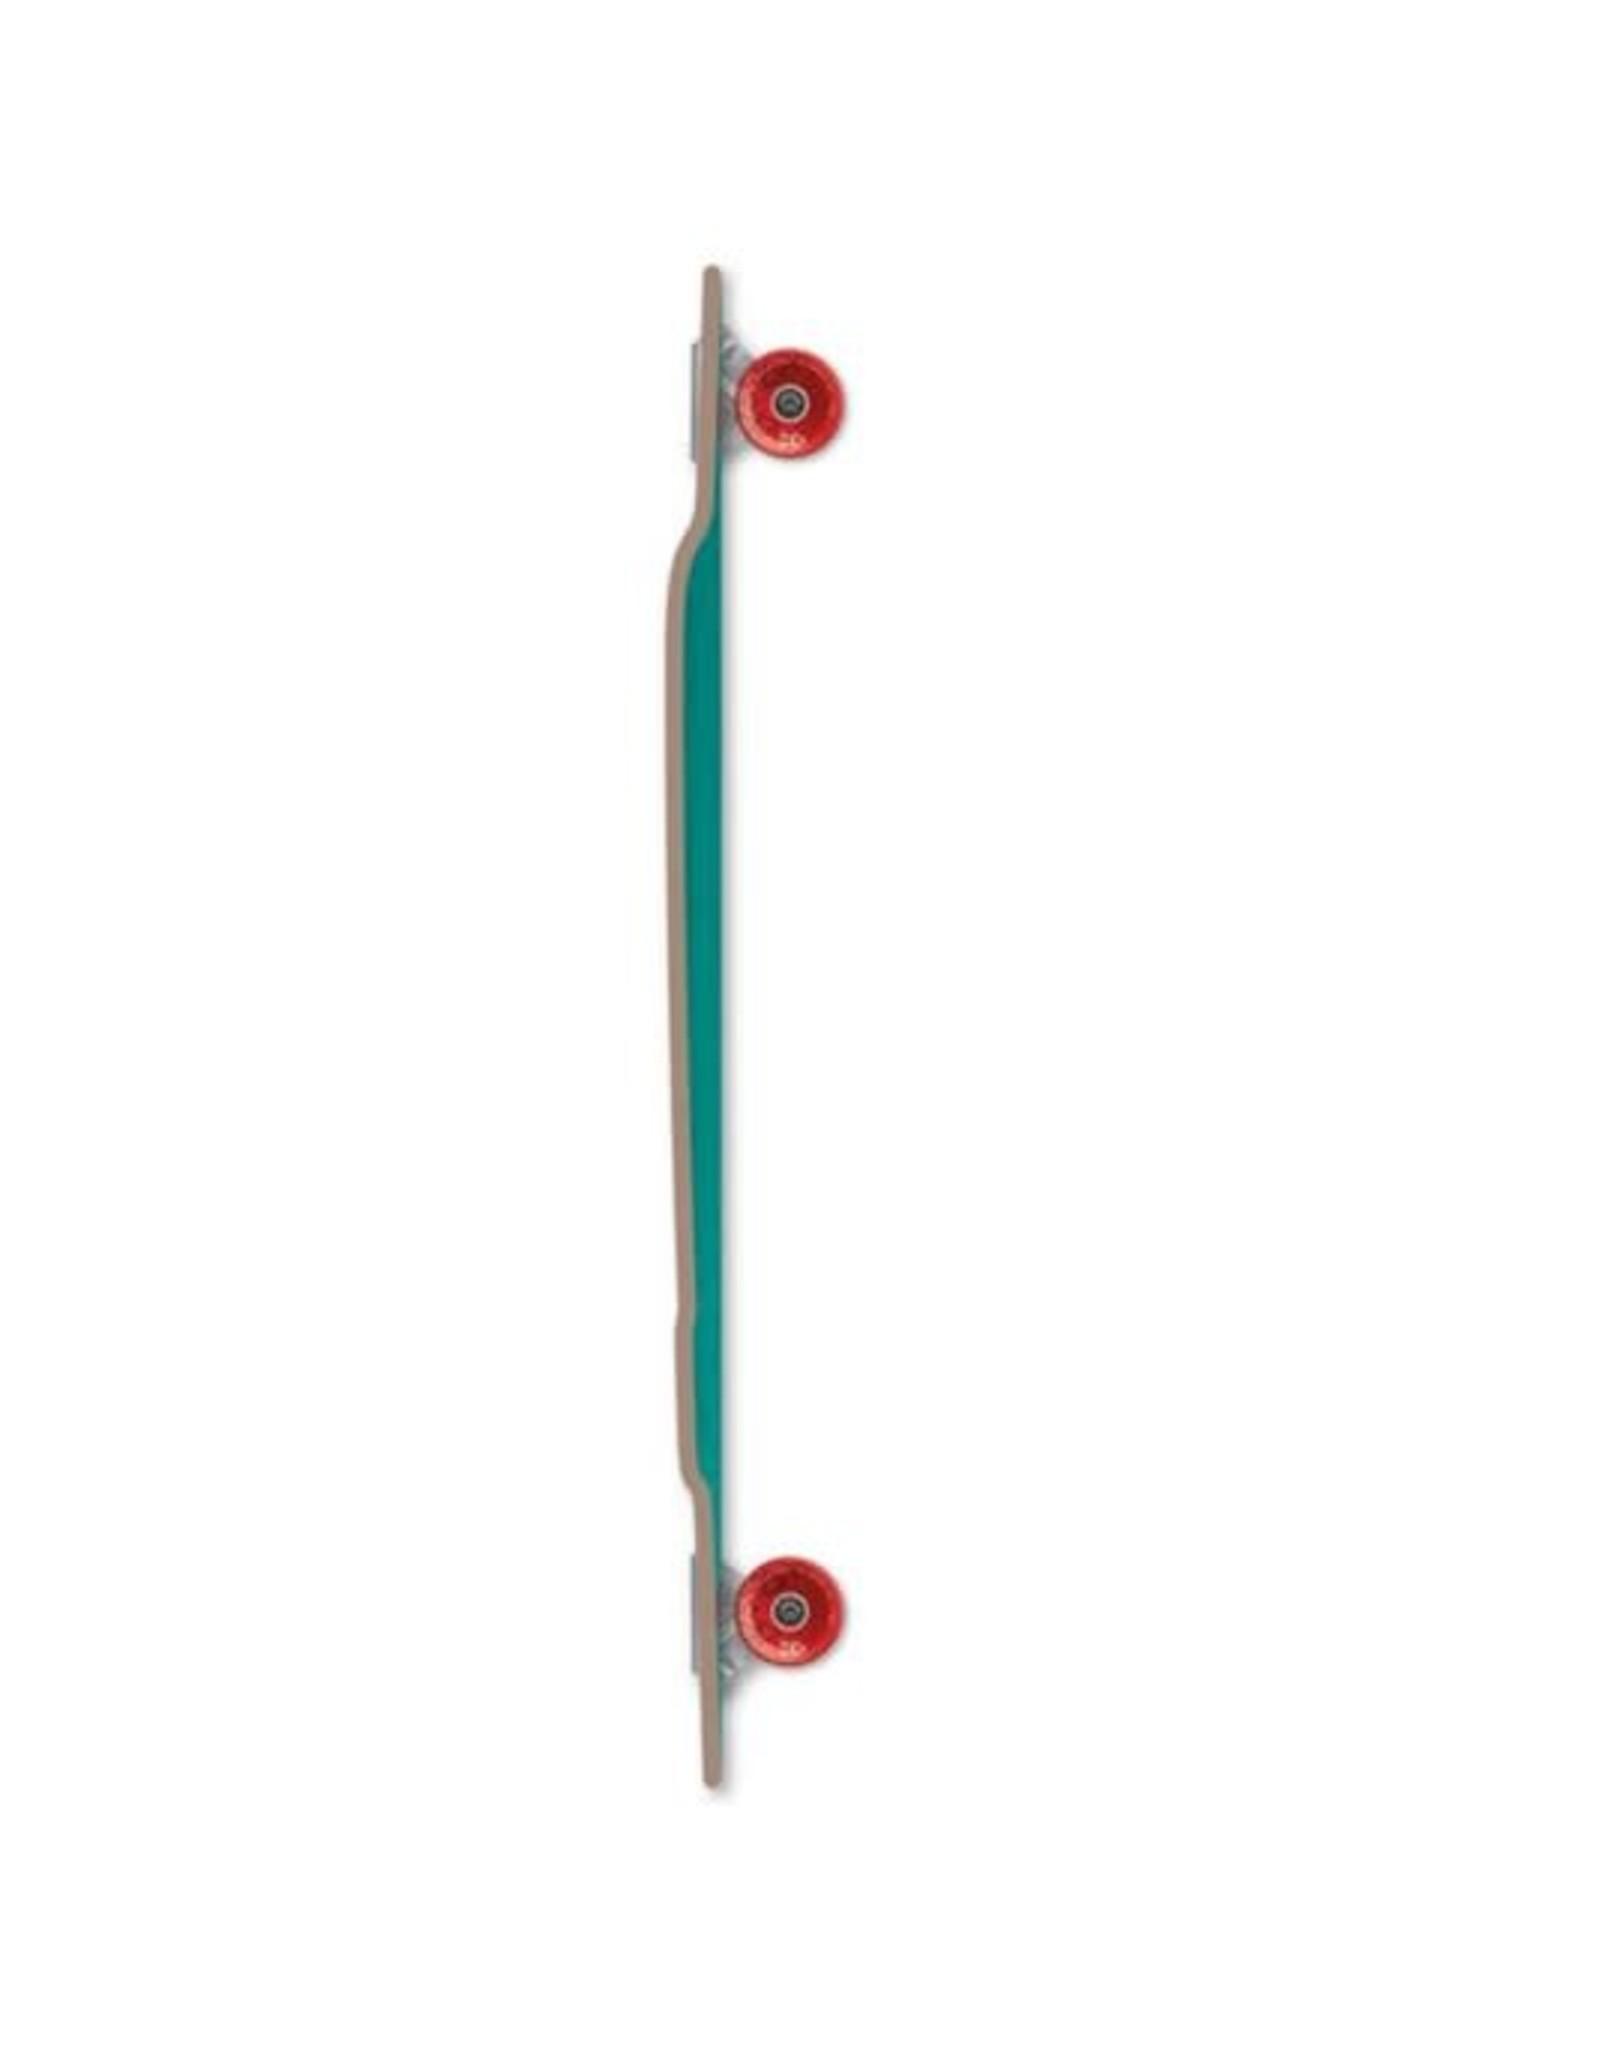 Flying Wheels Flying Wheels 38.5 Rig teal Initiate Series